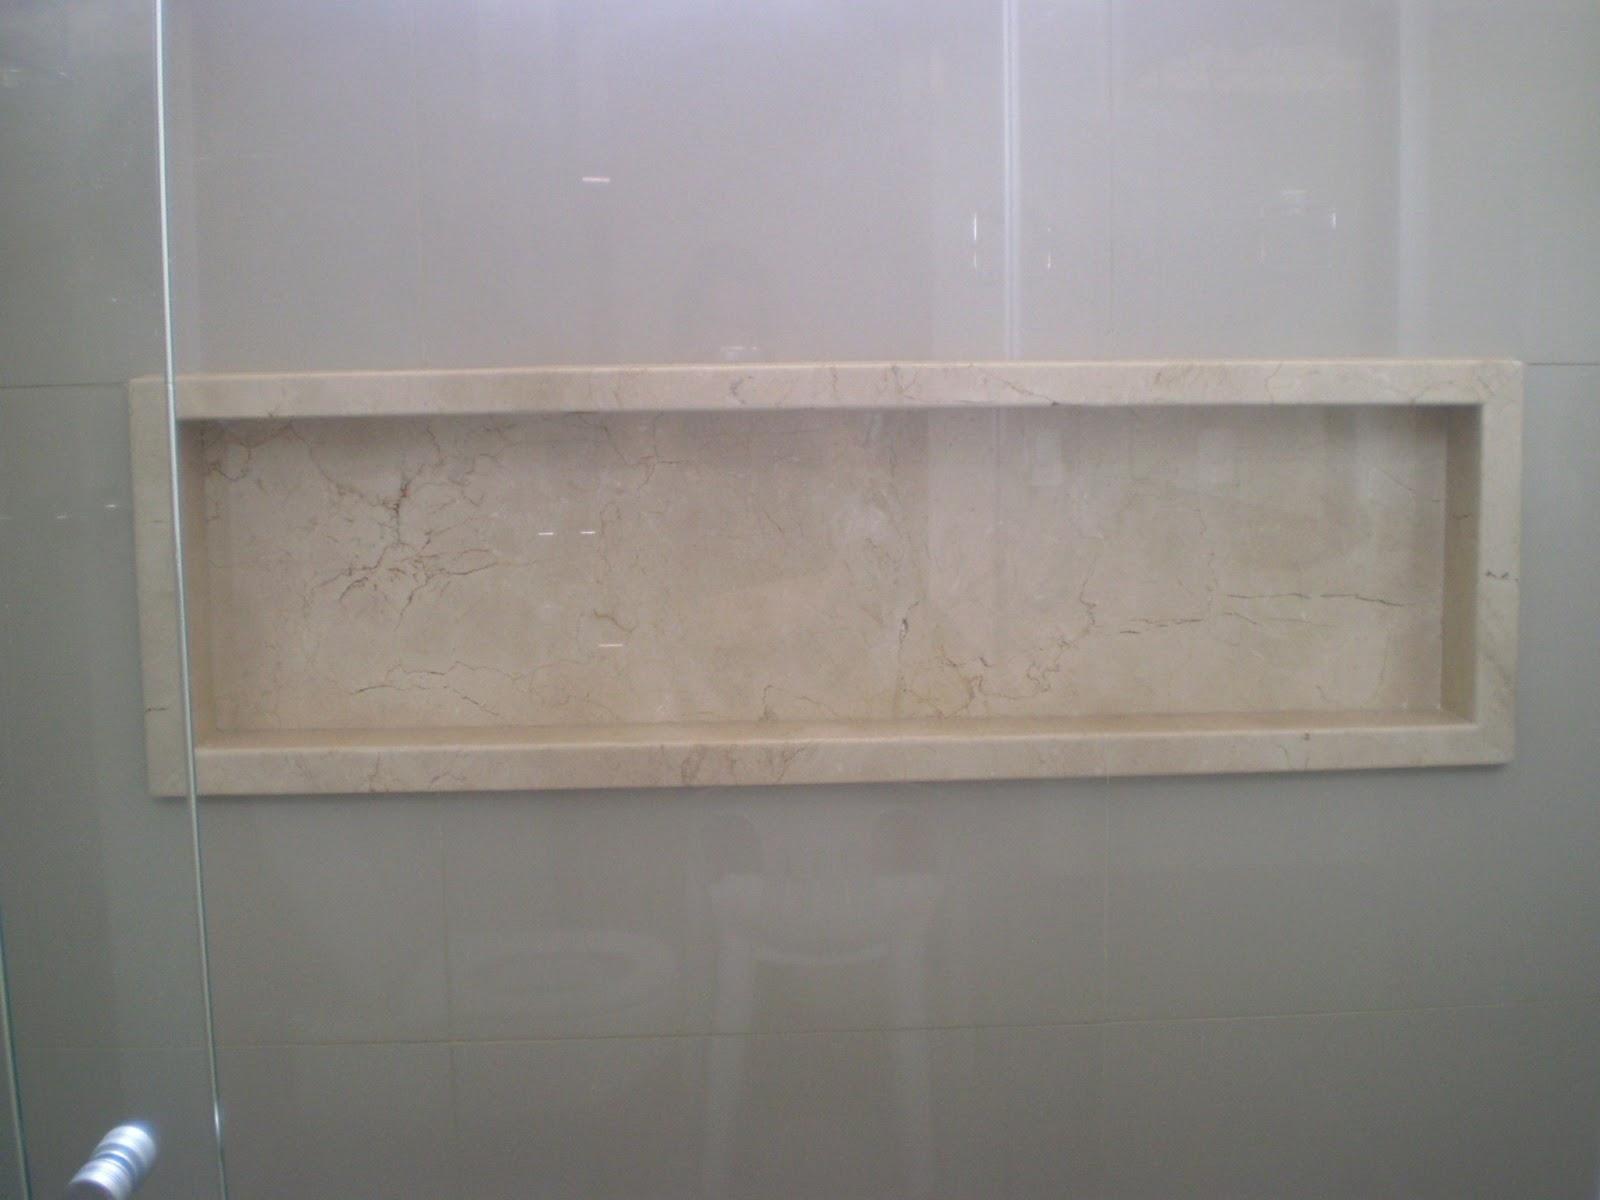 reveste 11cm internos da janela nesse ponto foi instalada a janela #71625A 1600x1200 Banheiro Com Janela Grande